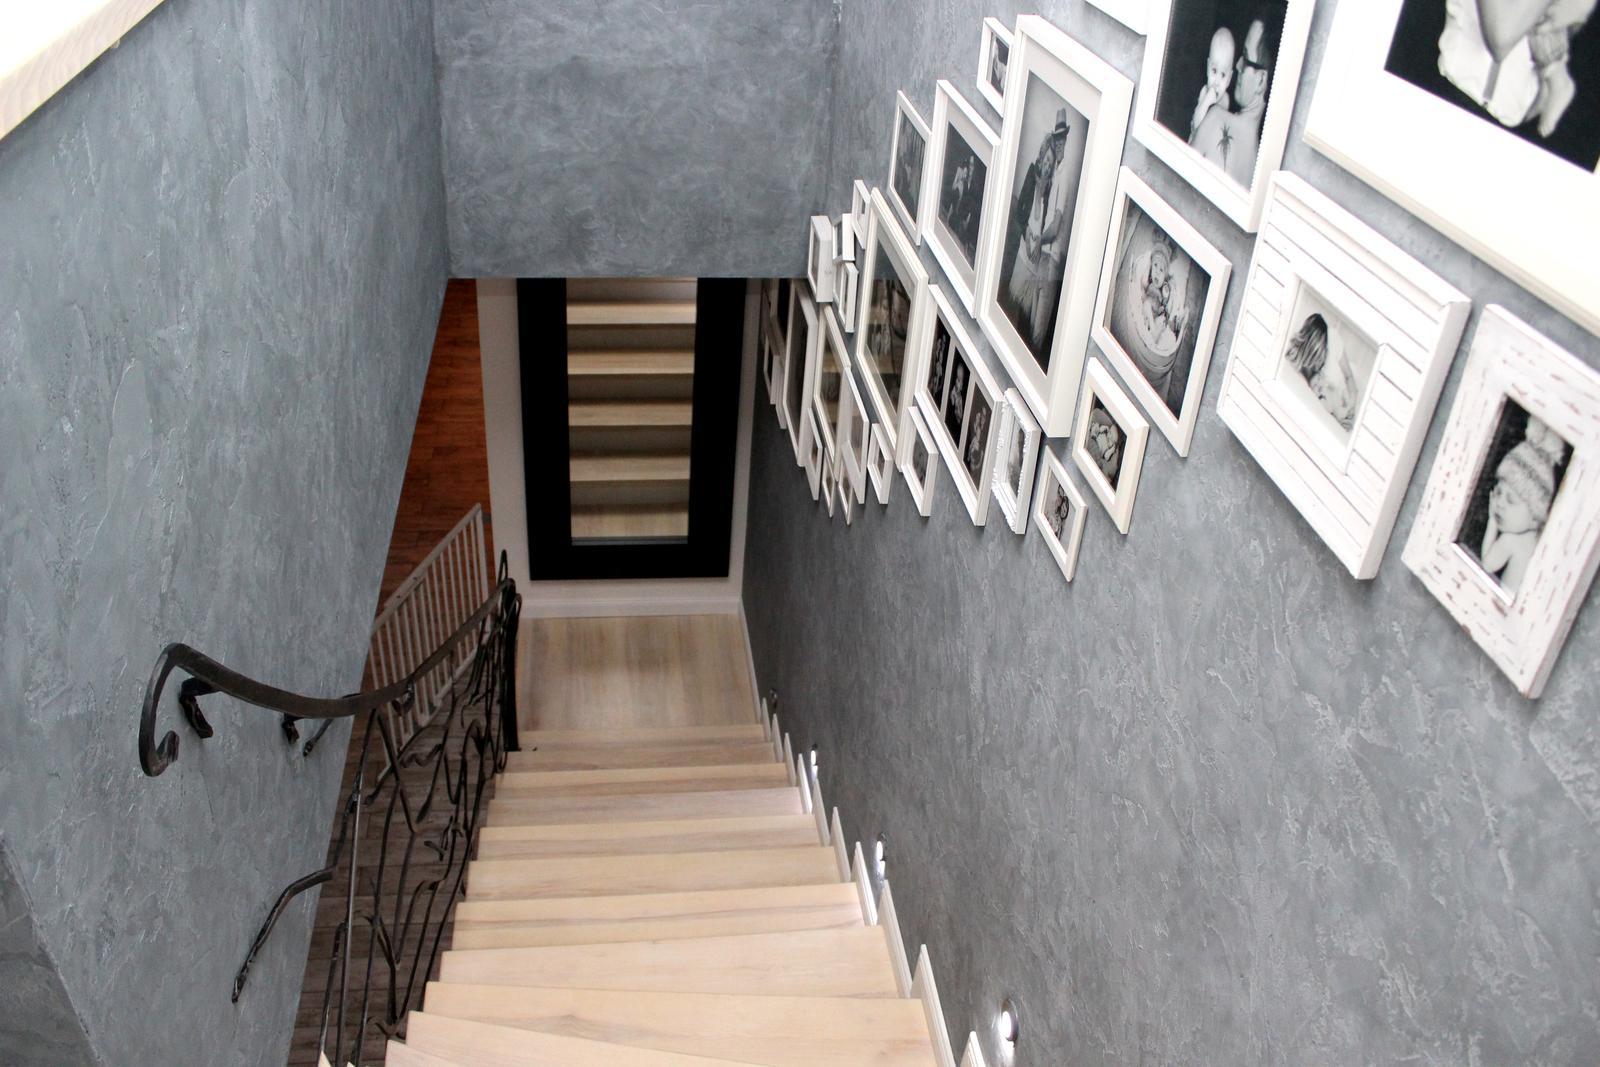 Finální podoba našeho bydlení ... i když člověk nikdy neví ;) - Obrázek č. 13